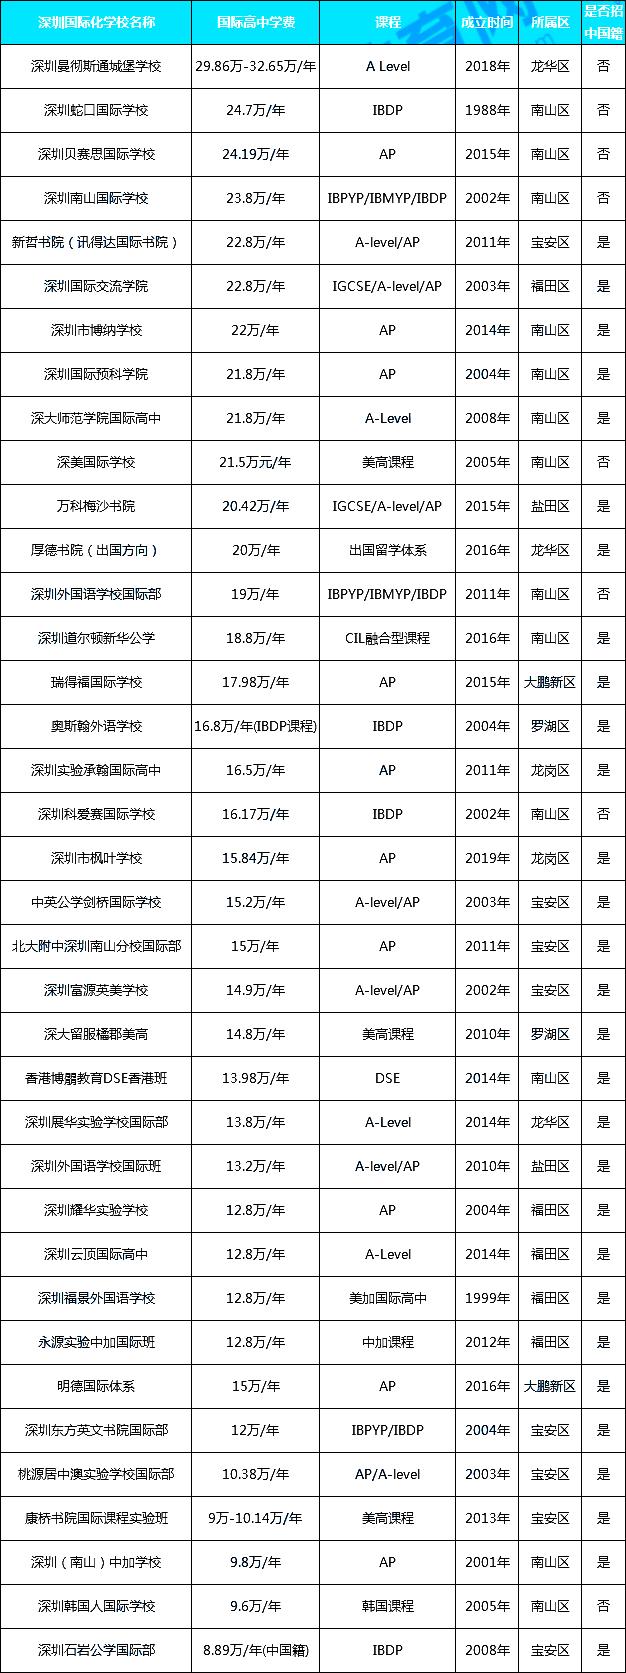 深圳国际学校收费全球排名第四,哪个学校学费最贵?